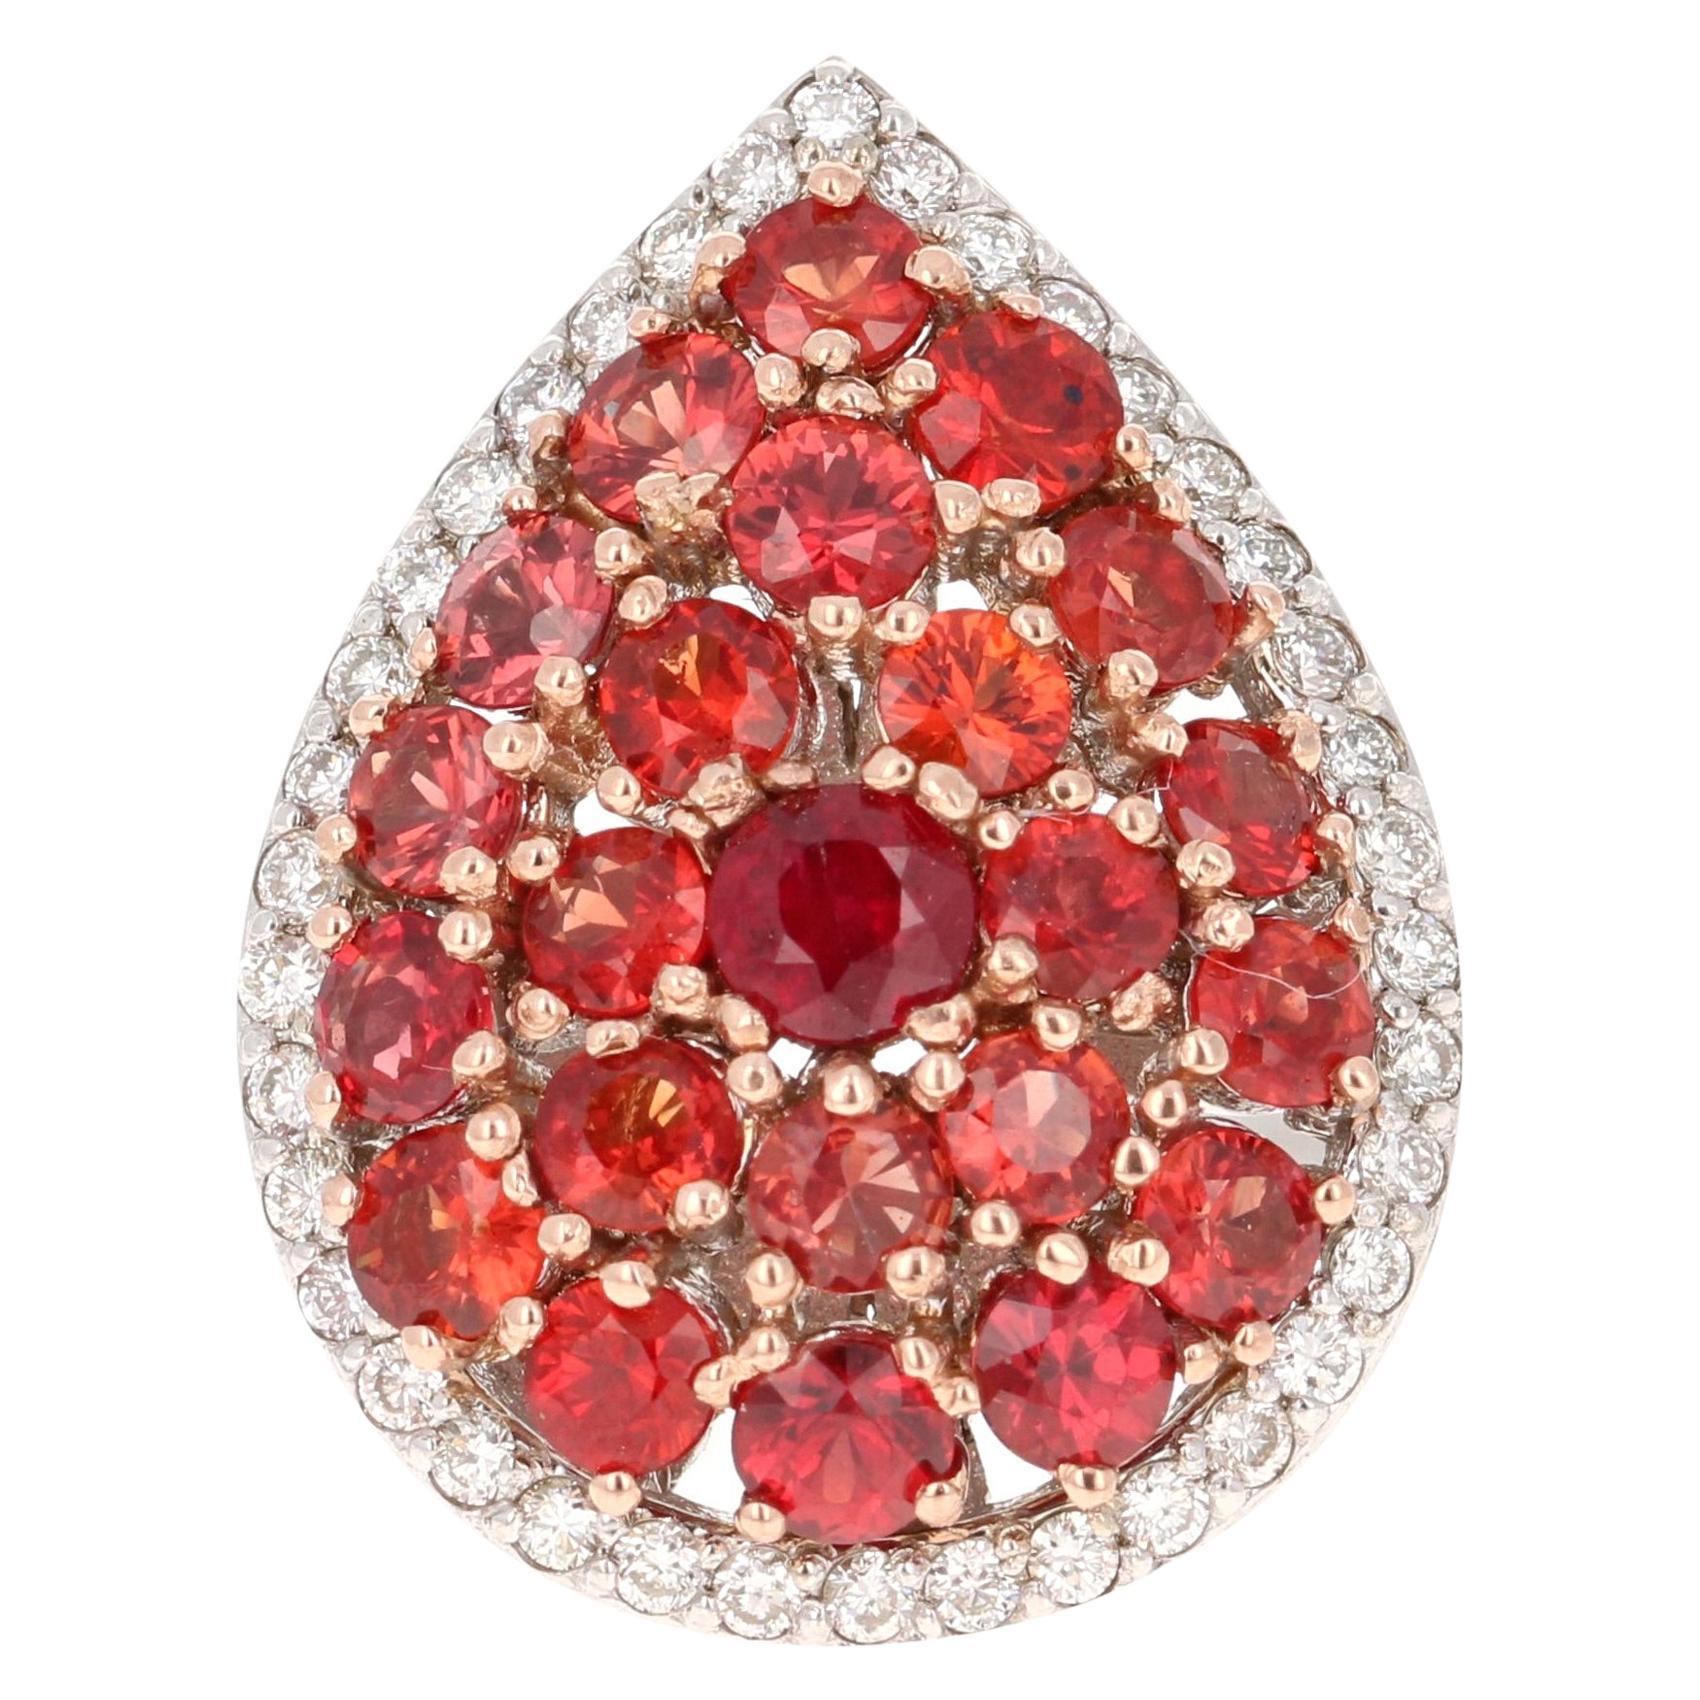 3.62 Carat Red Sapphire Diamond 14 Karat White Gold Cocktail Ring